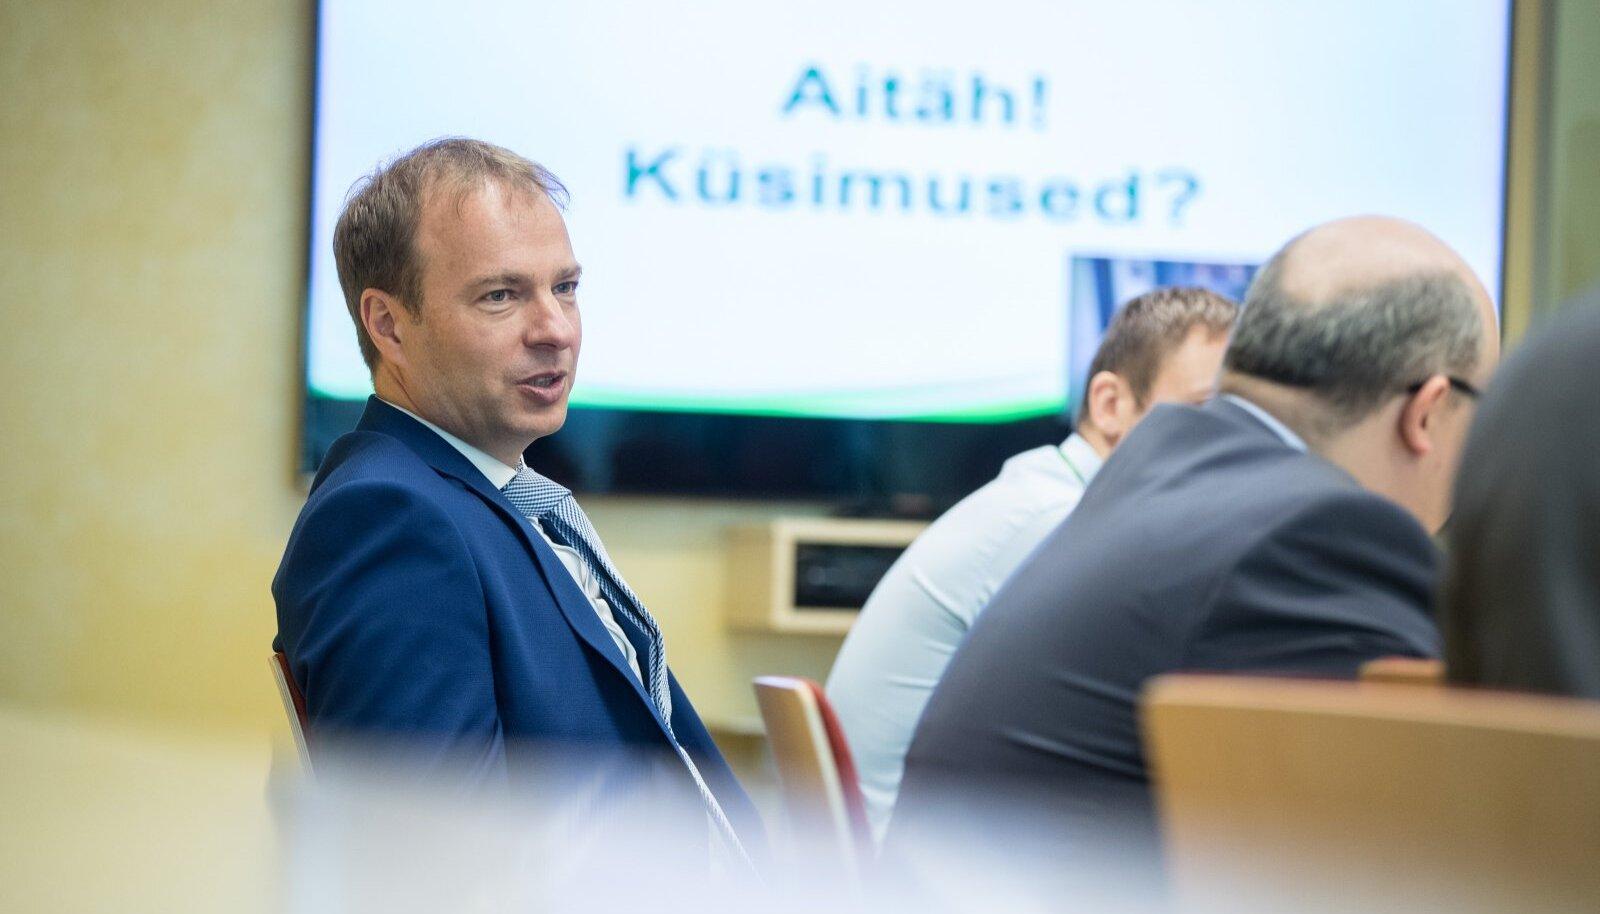 Eesti Energia jätab ärisaladusele viidates vastamata paljudele põlevkiviõlitehasega seotud küsimustele. Kriitikute sõnul saaks ettevõtte juht Hando Sutter tehasest loobudes näidata, et Eesti energia on ka päriselt rohelisemaks muutunud.